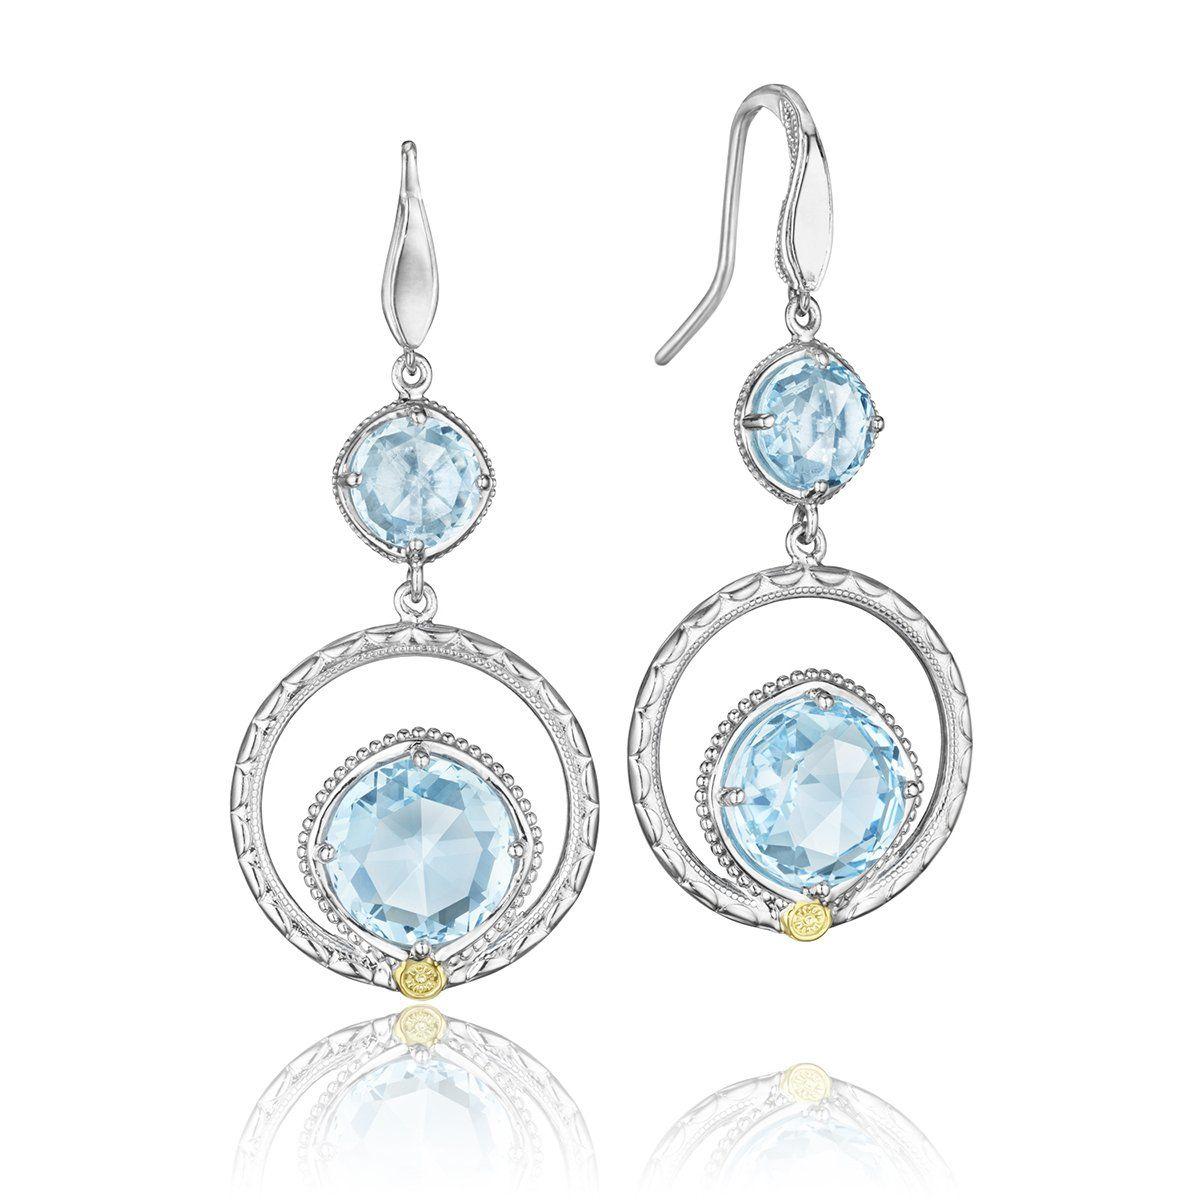 3dfe8f6646d8fb Silver Sky Blue Topaz Earrings 12.95cts - SE14902– Renee Taylor Gallery